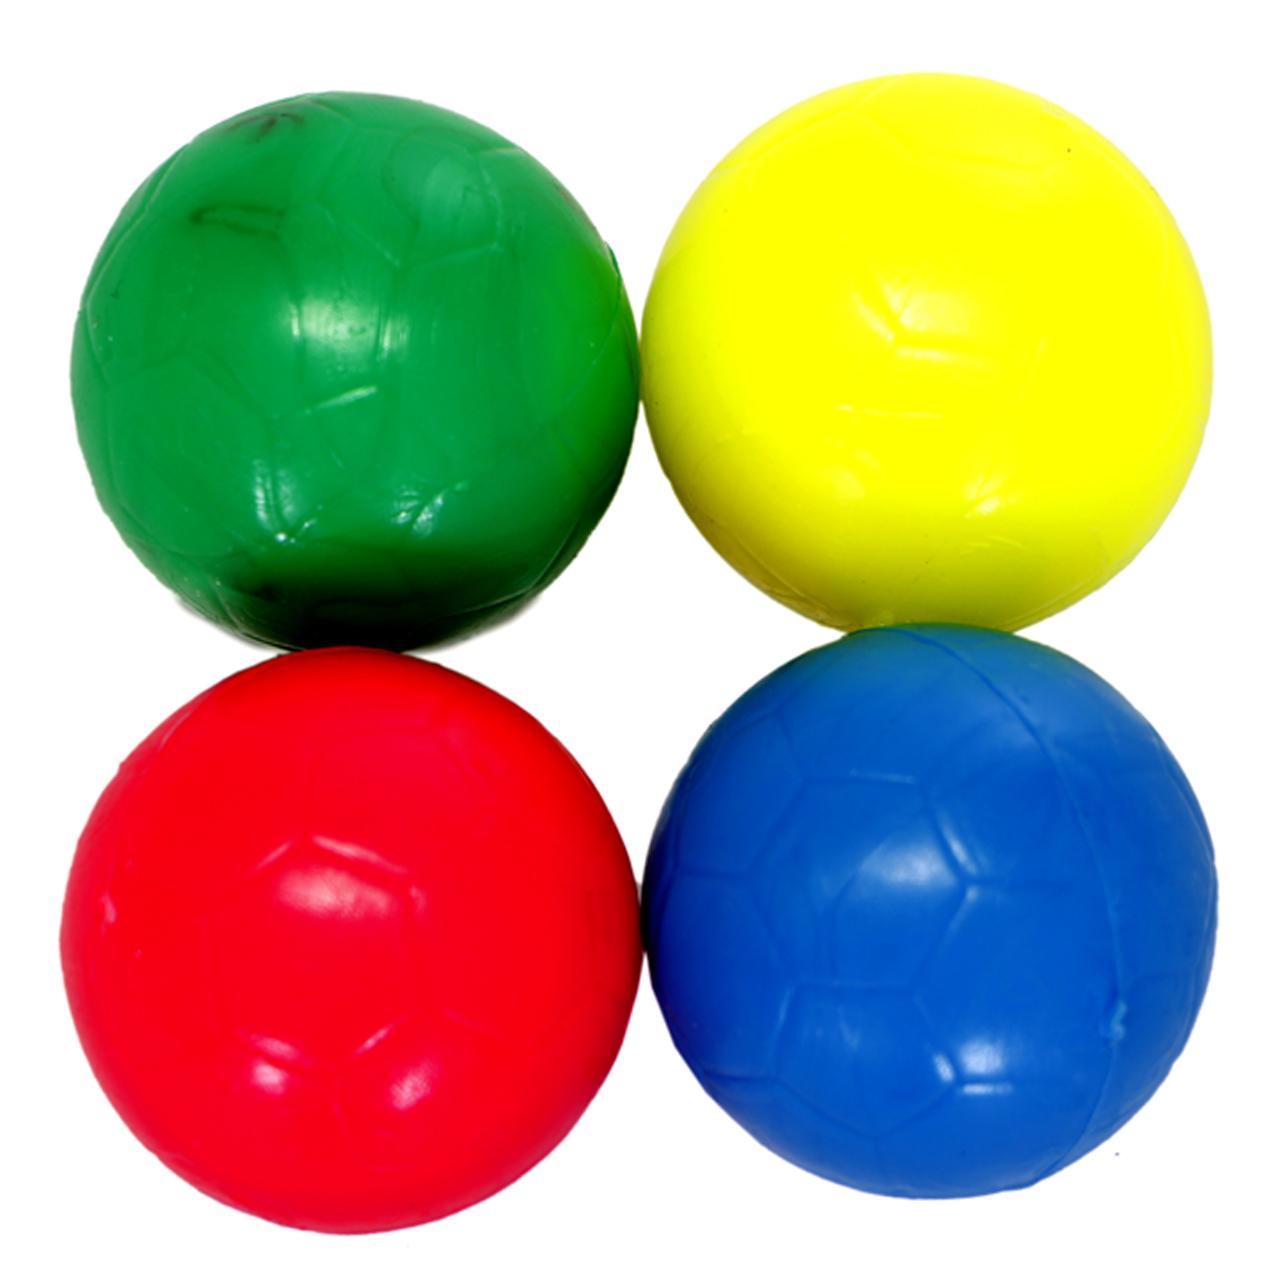 توپ فوتبال دستی بسته 4 عددی سایز 4